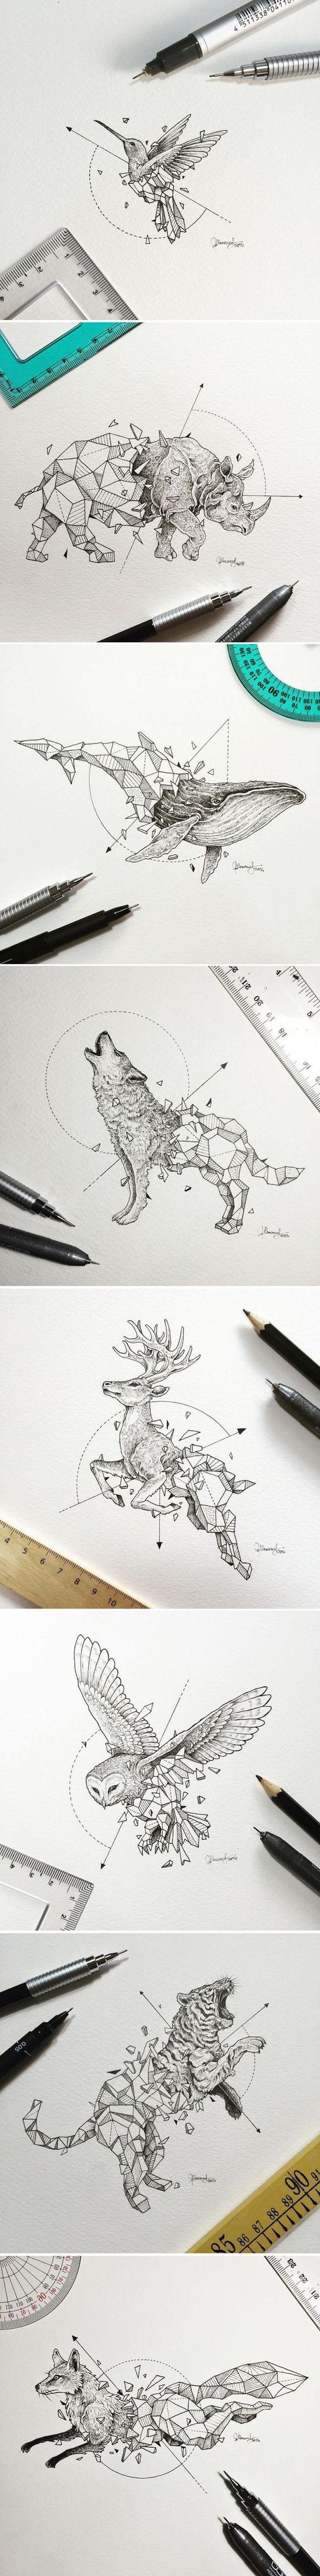 fotos de los mejores diseños de tatuajes geométricos, tatuajes de animales con su significado, tattoos geométricos de diseño super original